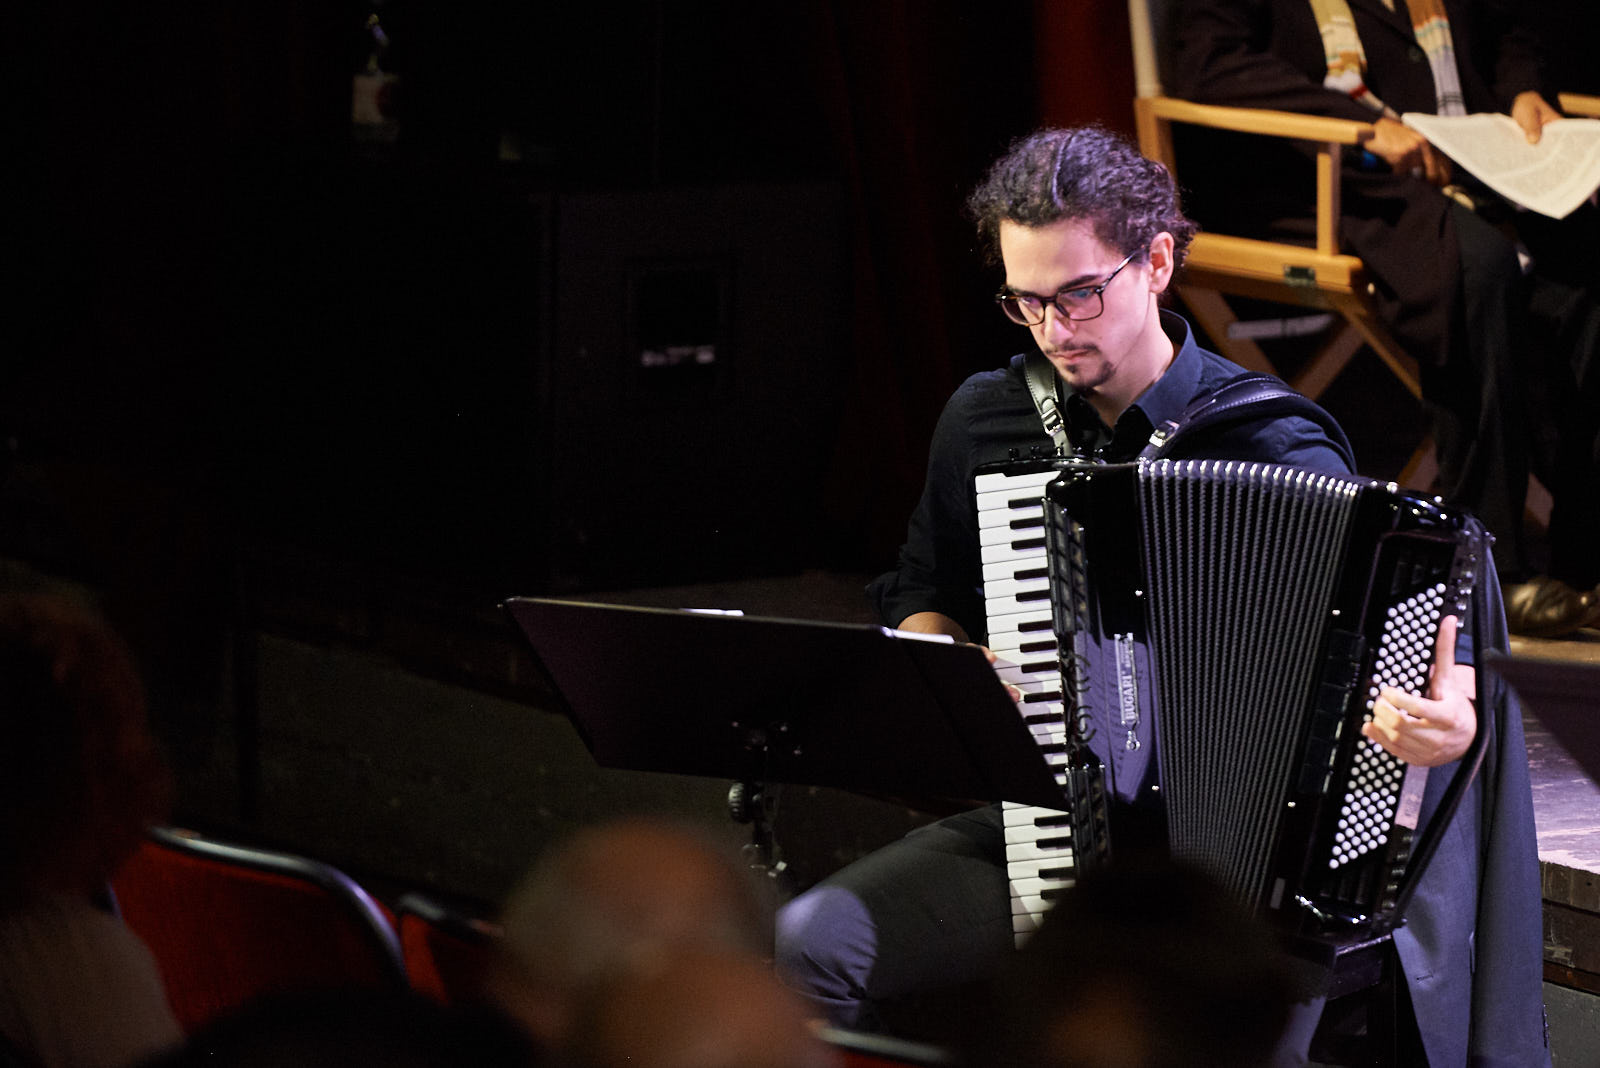 Intermezzi musicali a cura del gruppo Kletzmorim del Conservatorio di Milano